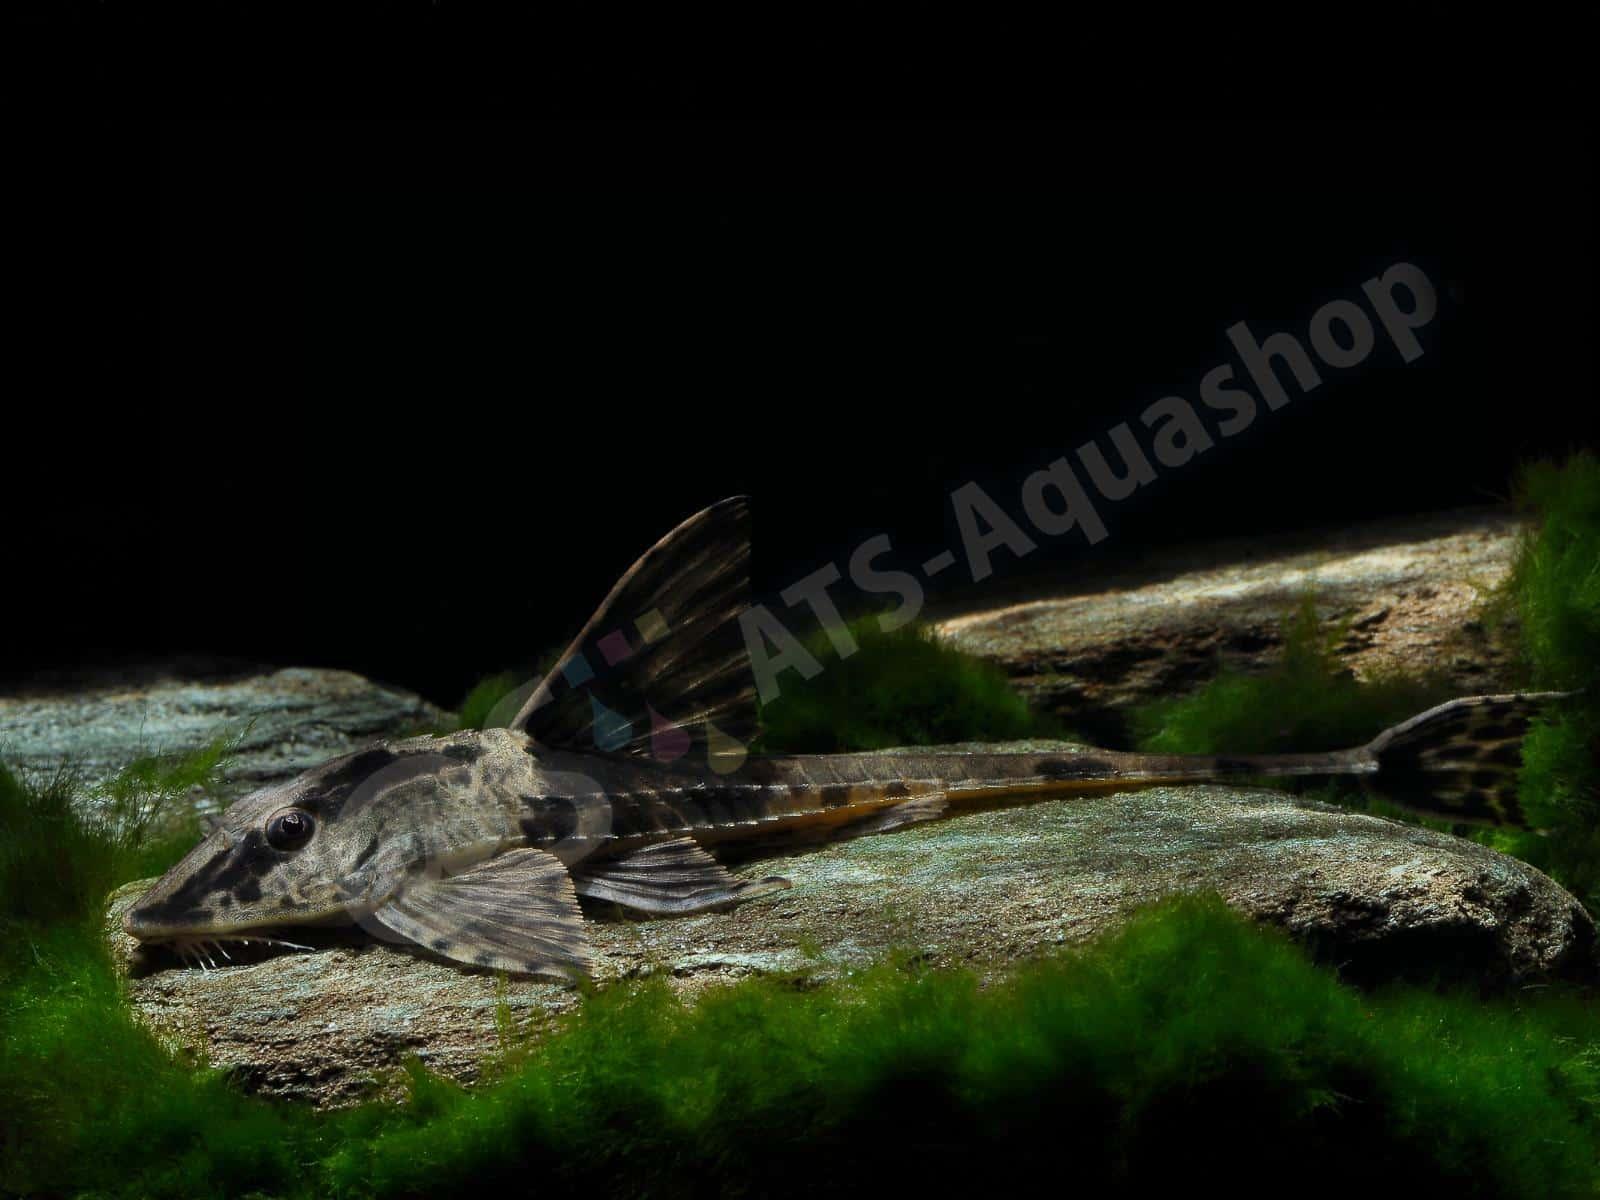 rineloricaria sp rio atabapo enrico richter 0064 6